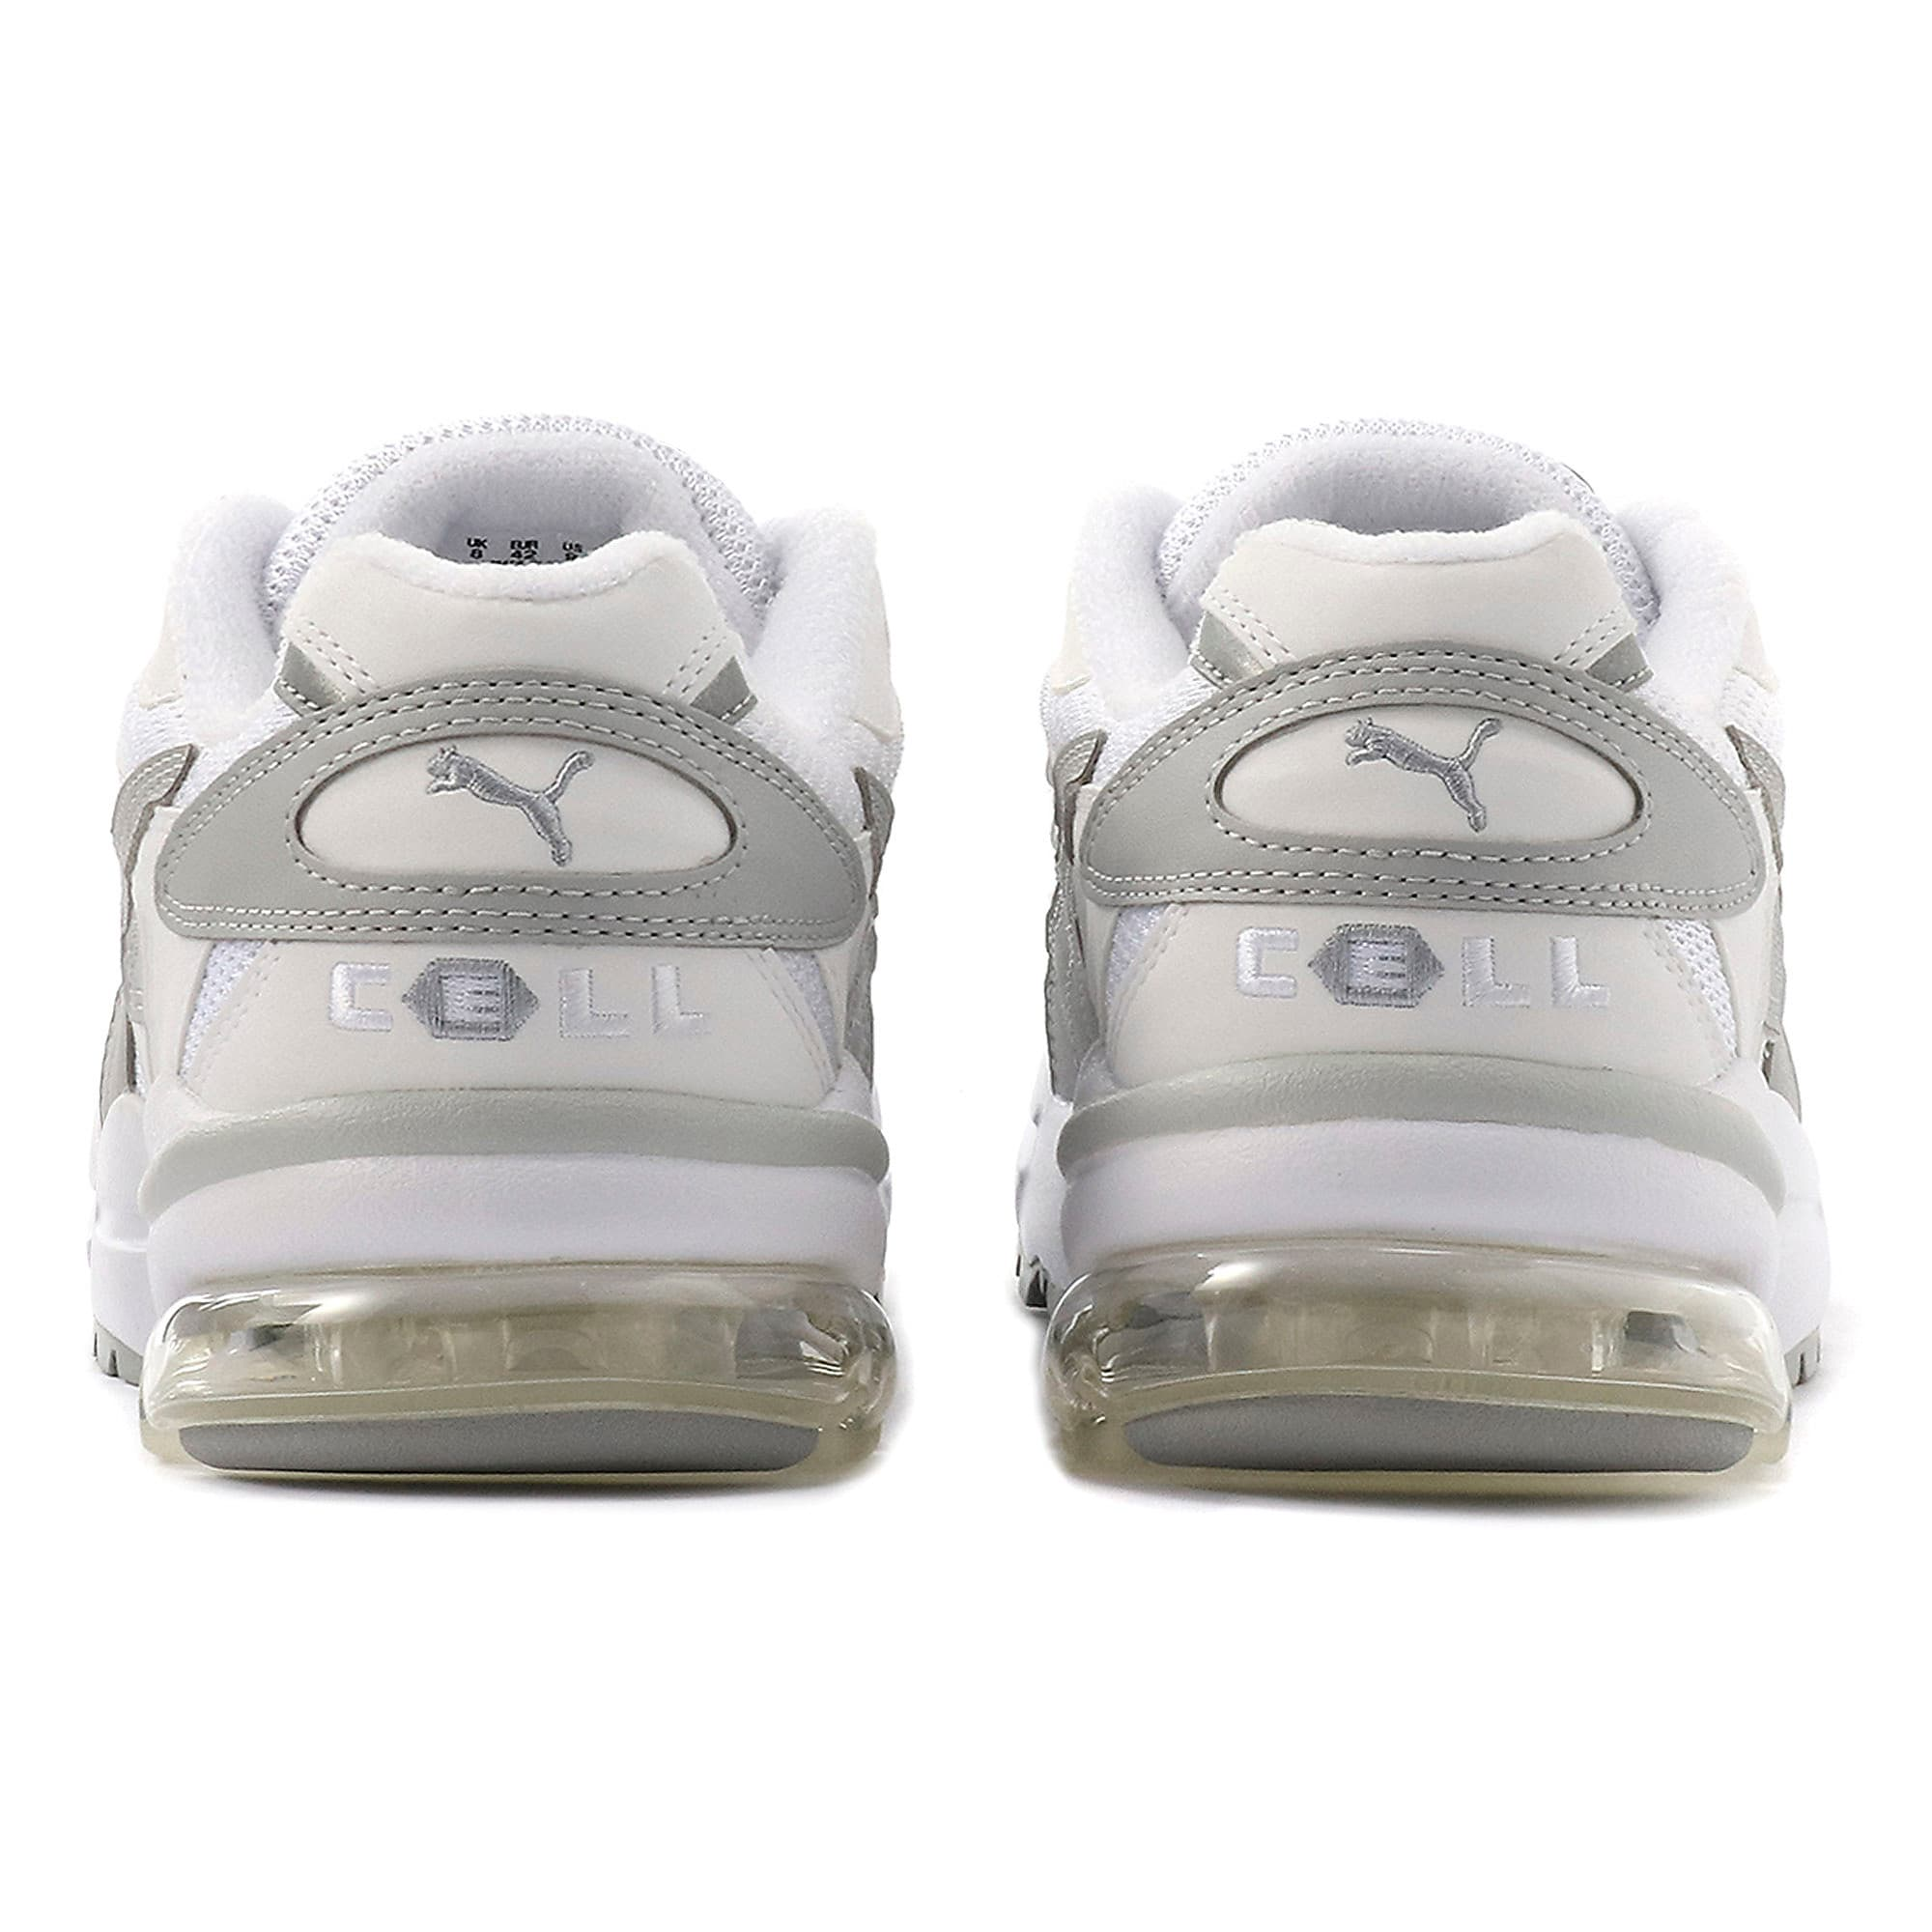 Thumbnail 3 of CELL Alien OG Sneakers, Puma White-High Rise, medium